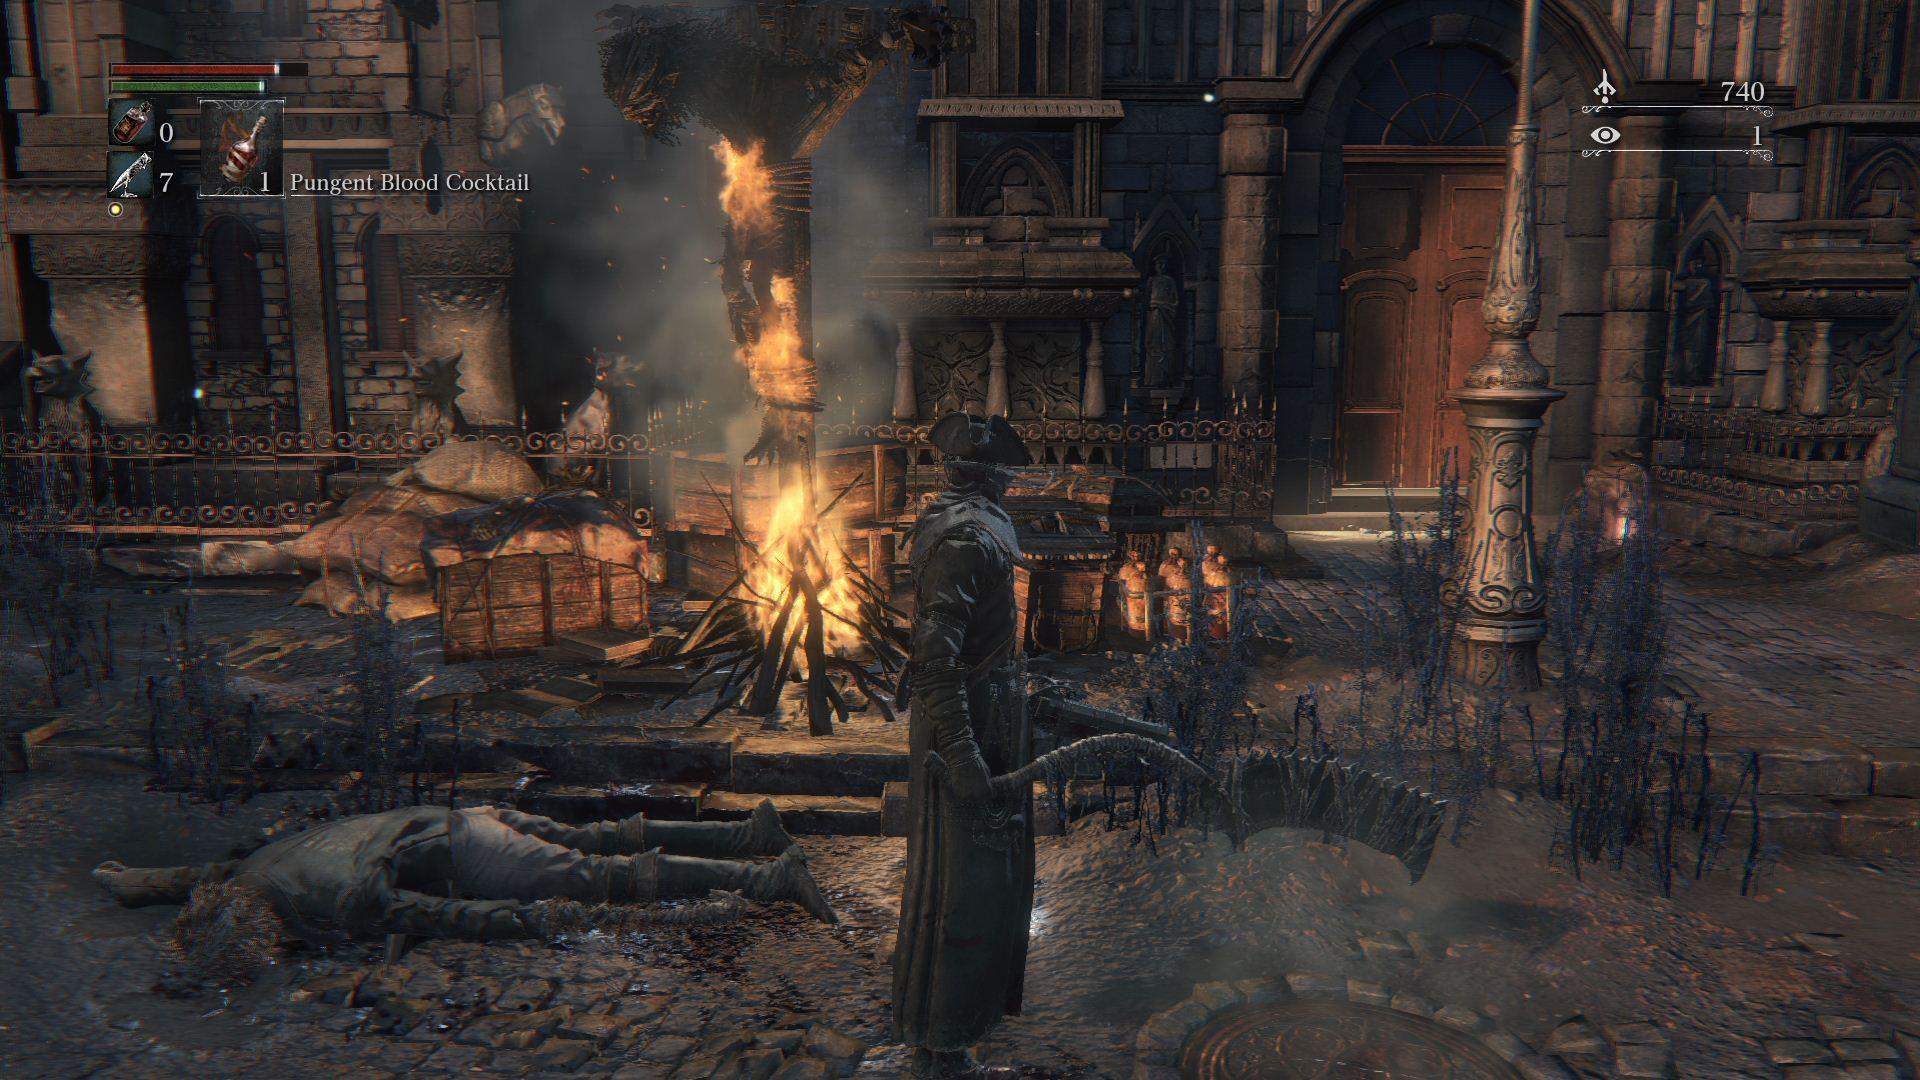 PS4 BLOODBORNE 11